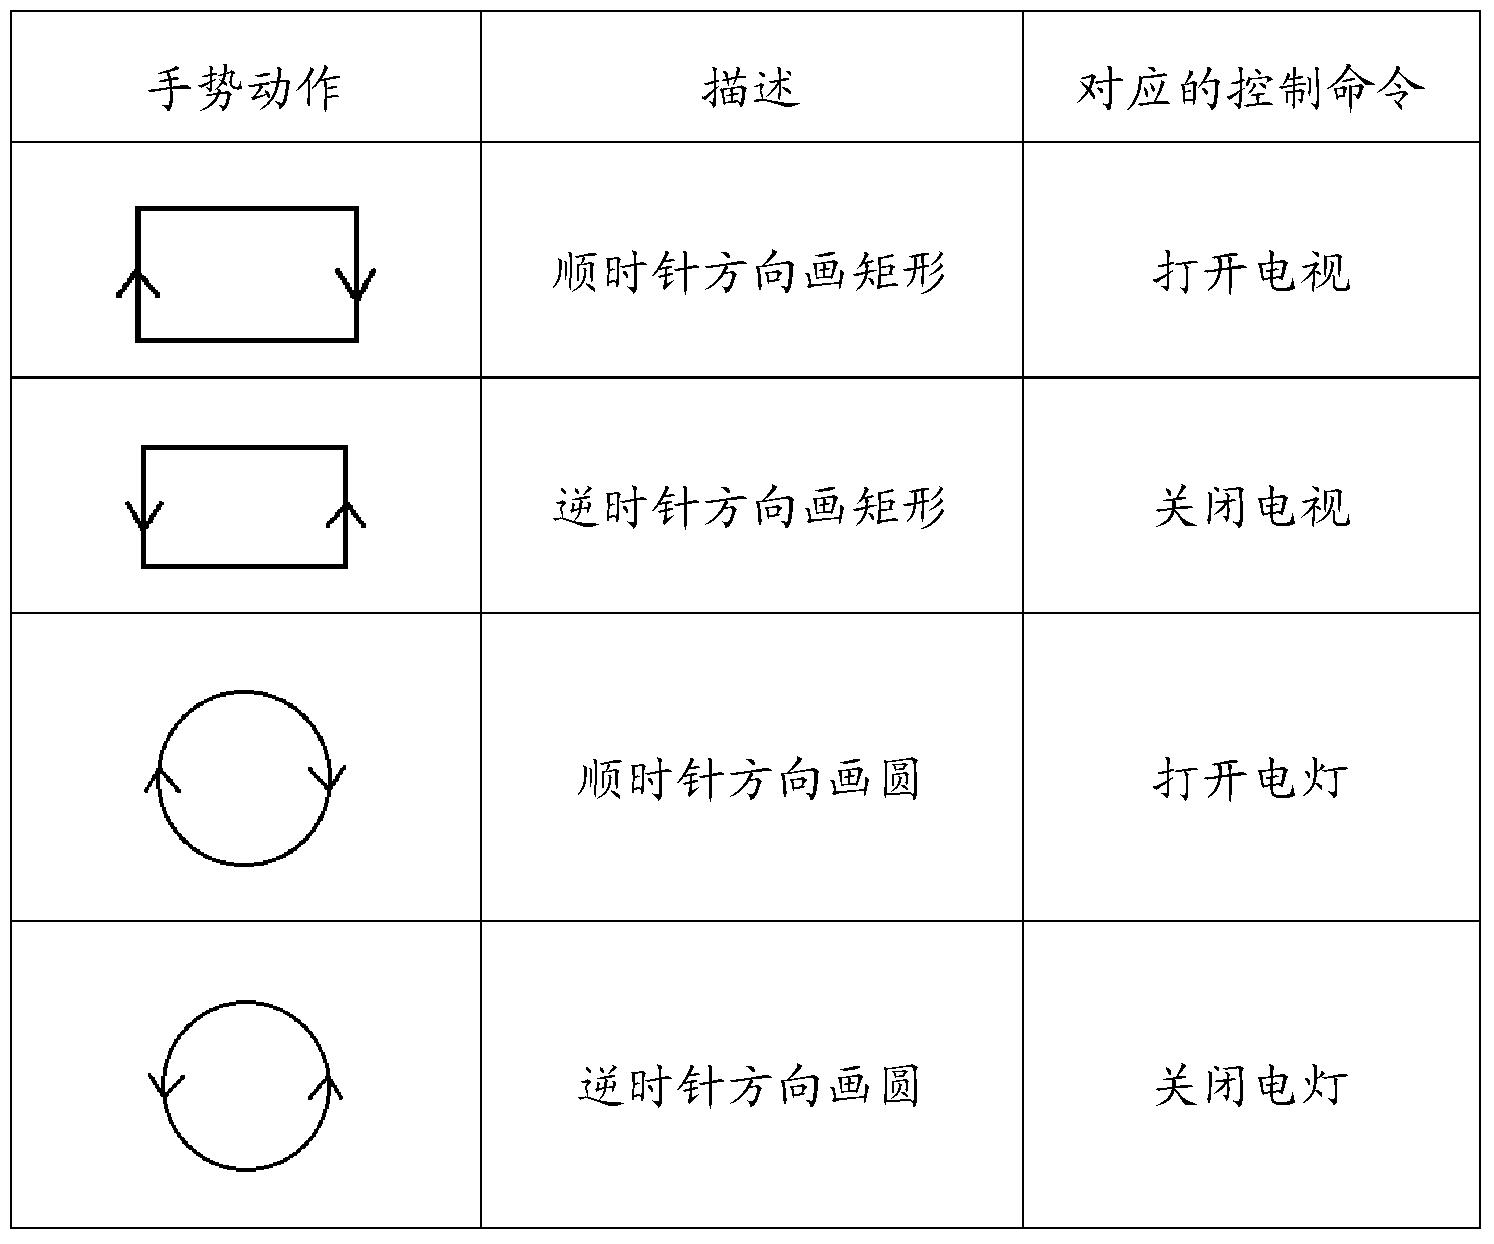 Figure PCTCN2016098082-appb-000001